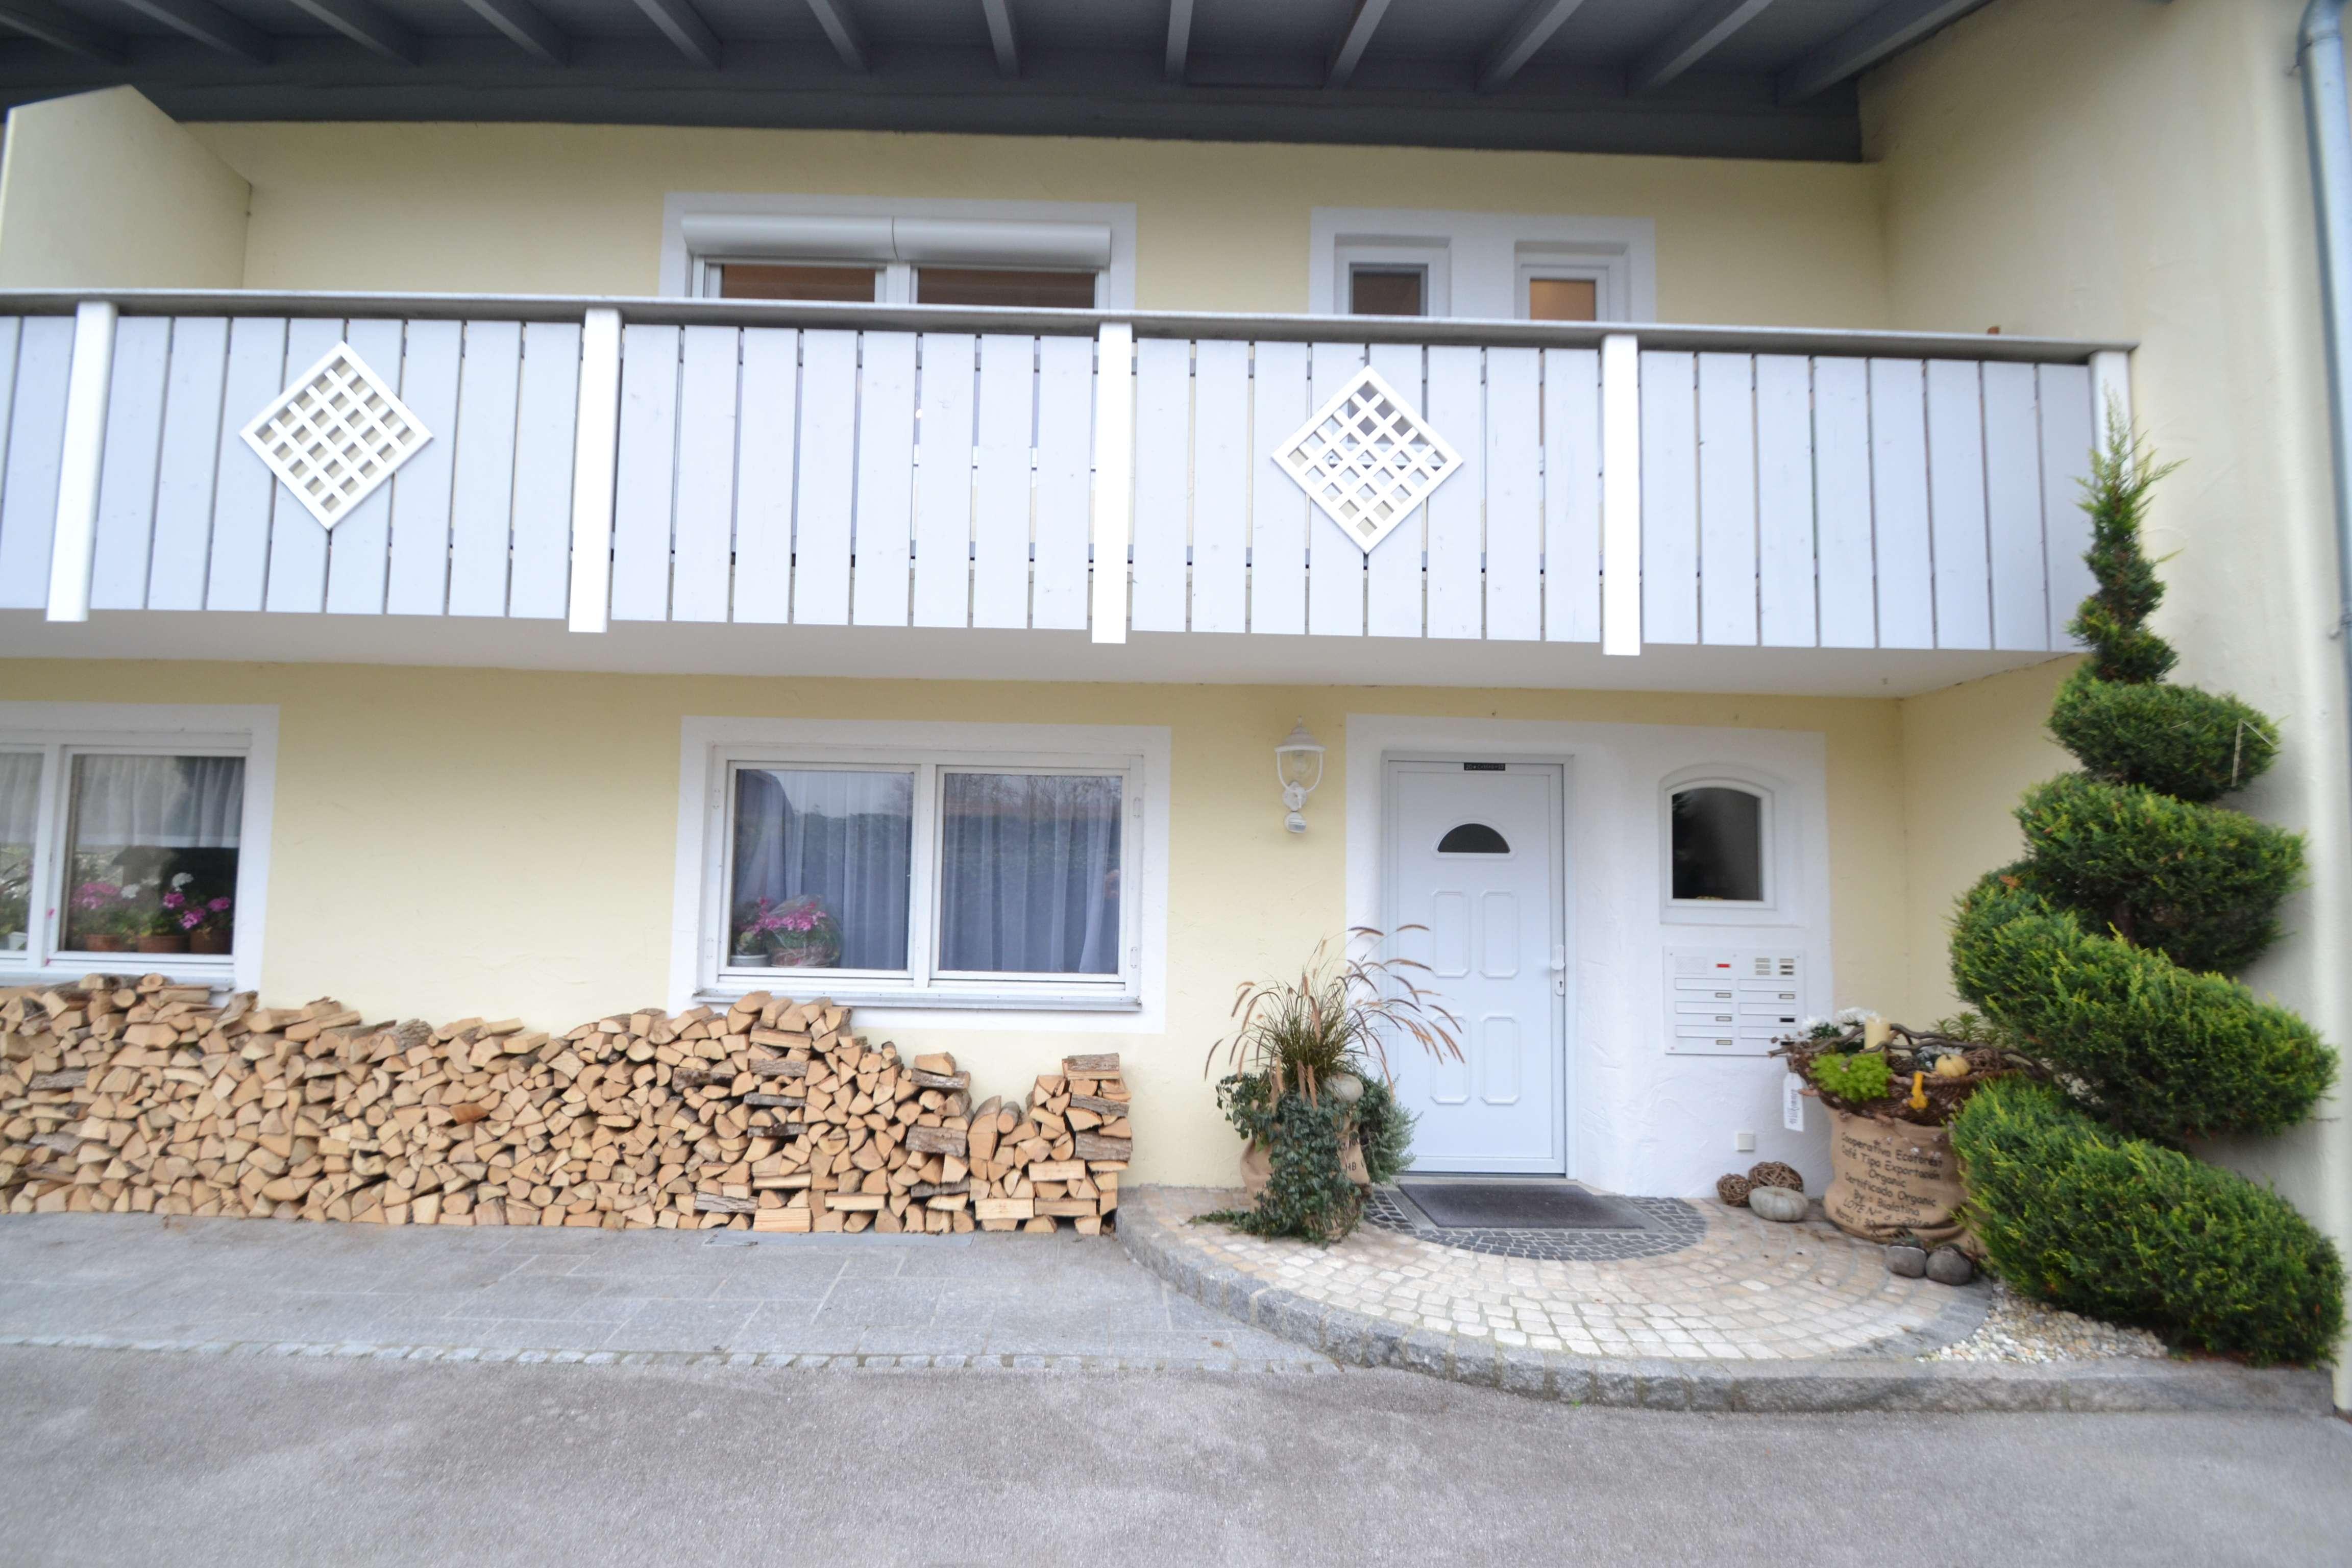 Topp! Lifestyle Apartment | Vollausstattung | Komplettsanierung in Bad Heilbrunn